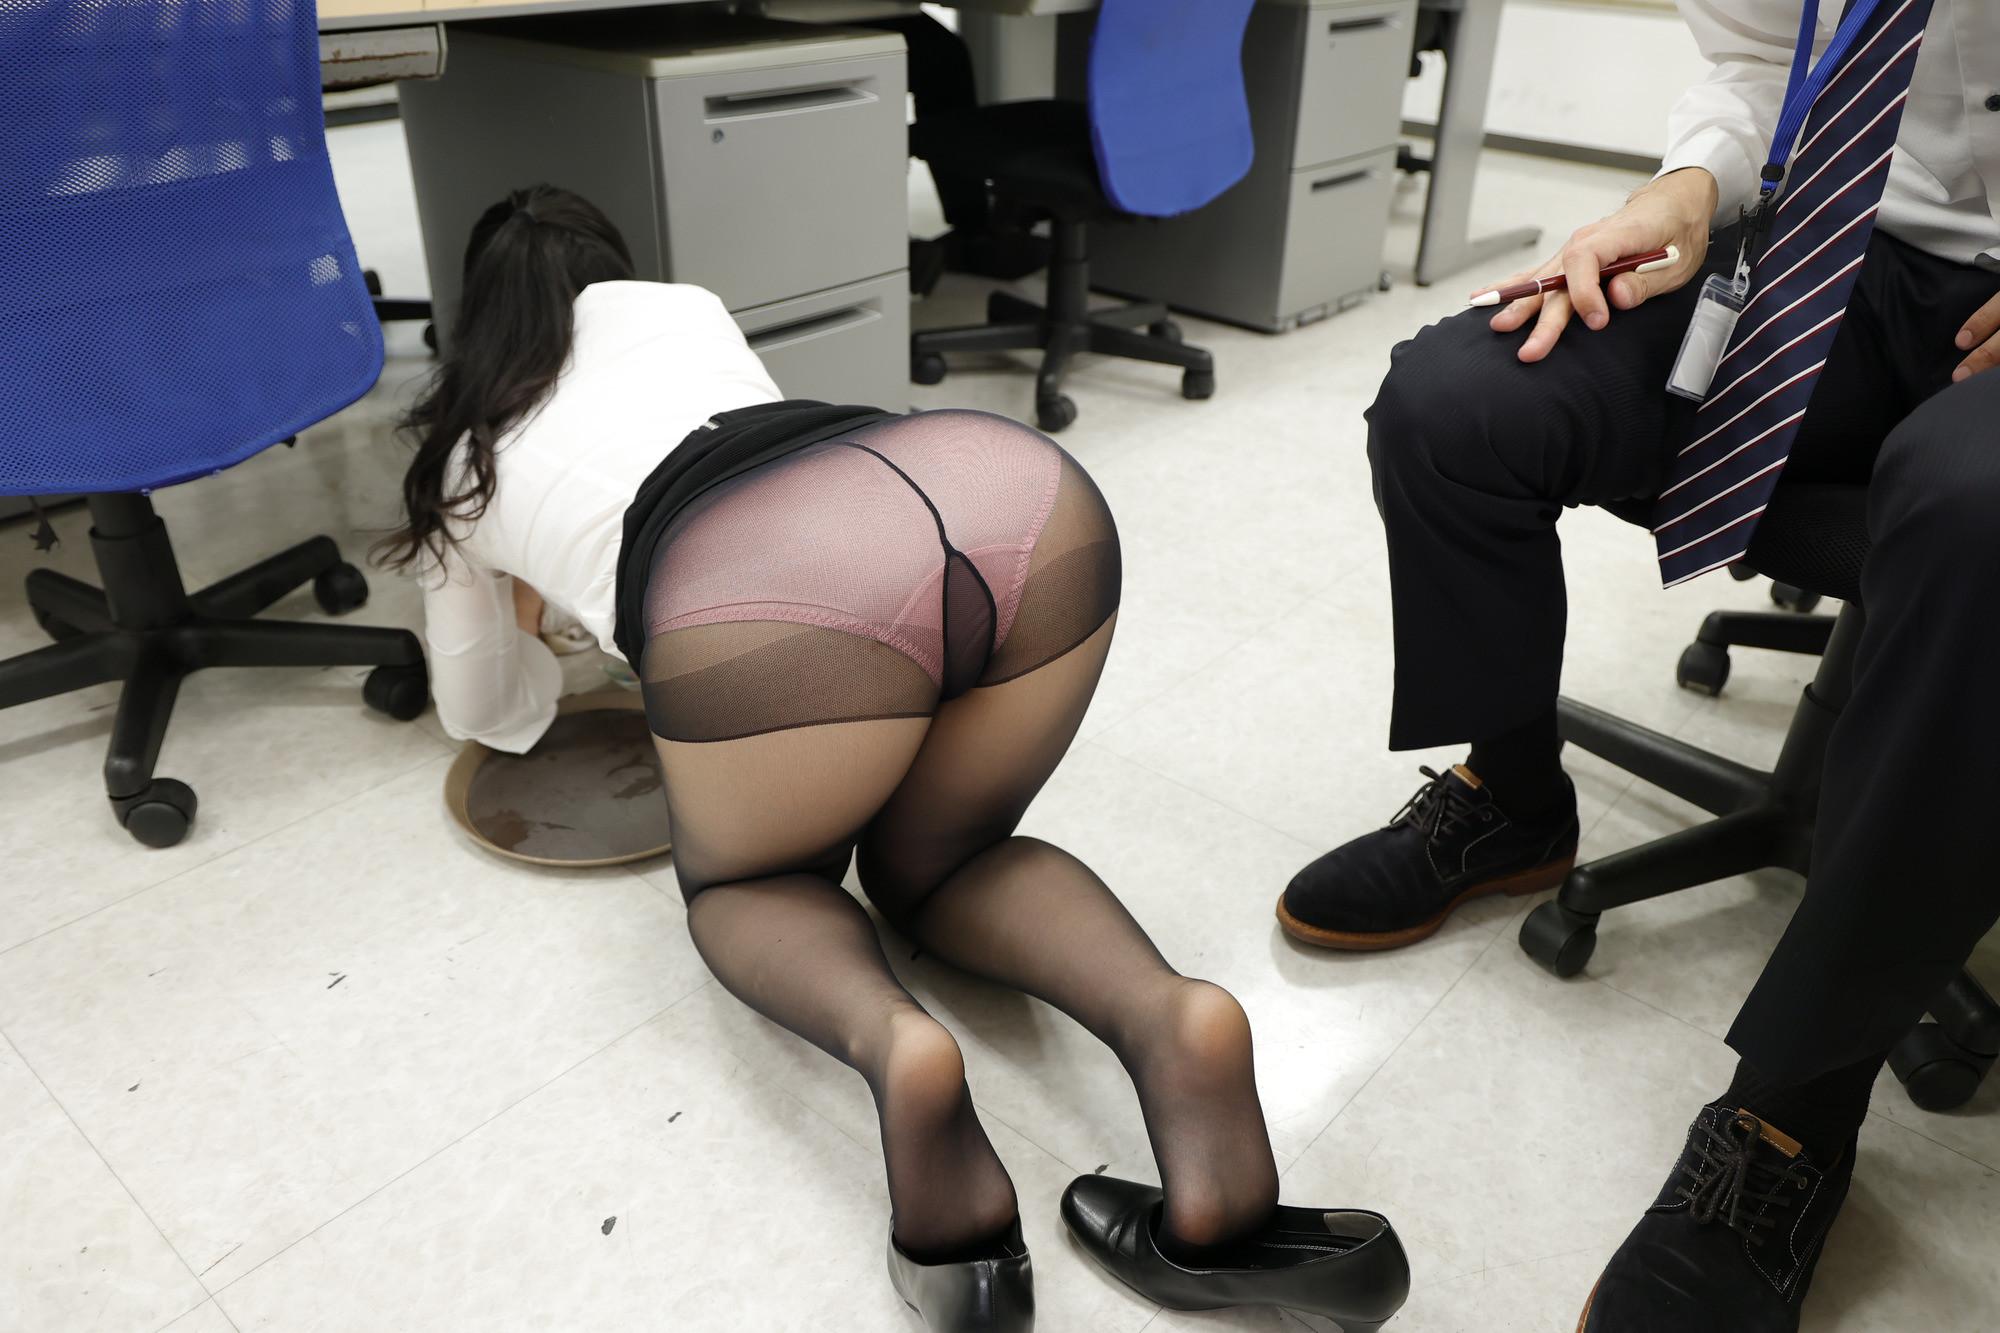 オジサマ殺し!社内パパ活でチ〇ポを狩るソソる新人女子社員!!男性社員を誘惑しまくる女子社員が上司にバレて叱られても反省するどころか半裸になって上司を逆襲!?エロ丸出しで迫る女子社員に上司はなすすべなく、自分もチ〇ポもシャブられヘロヘロになるまで社内エッチしてしまいました。